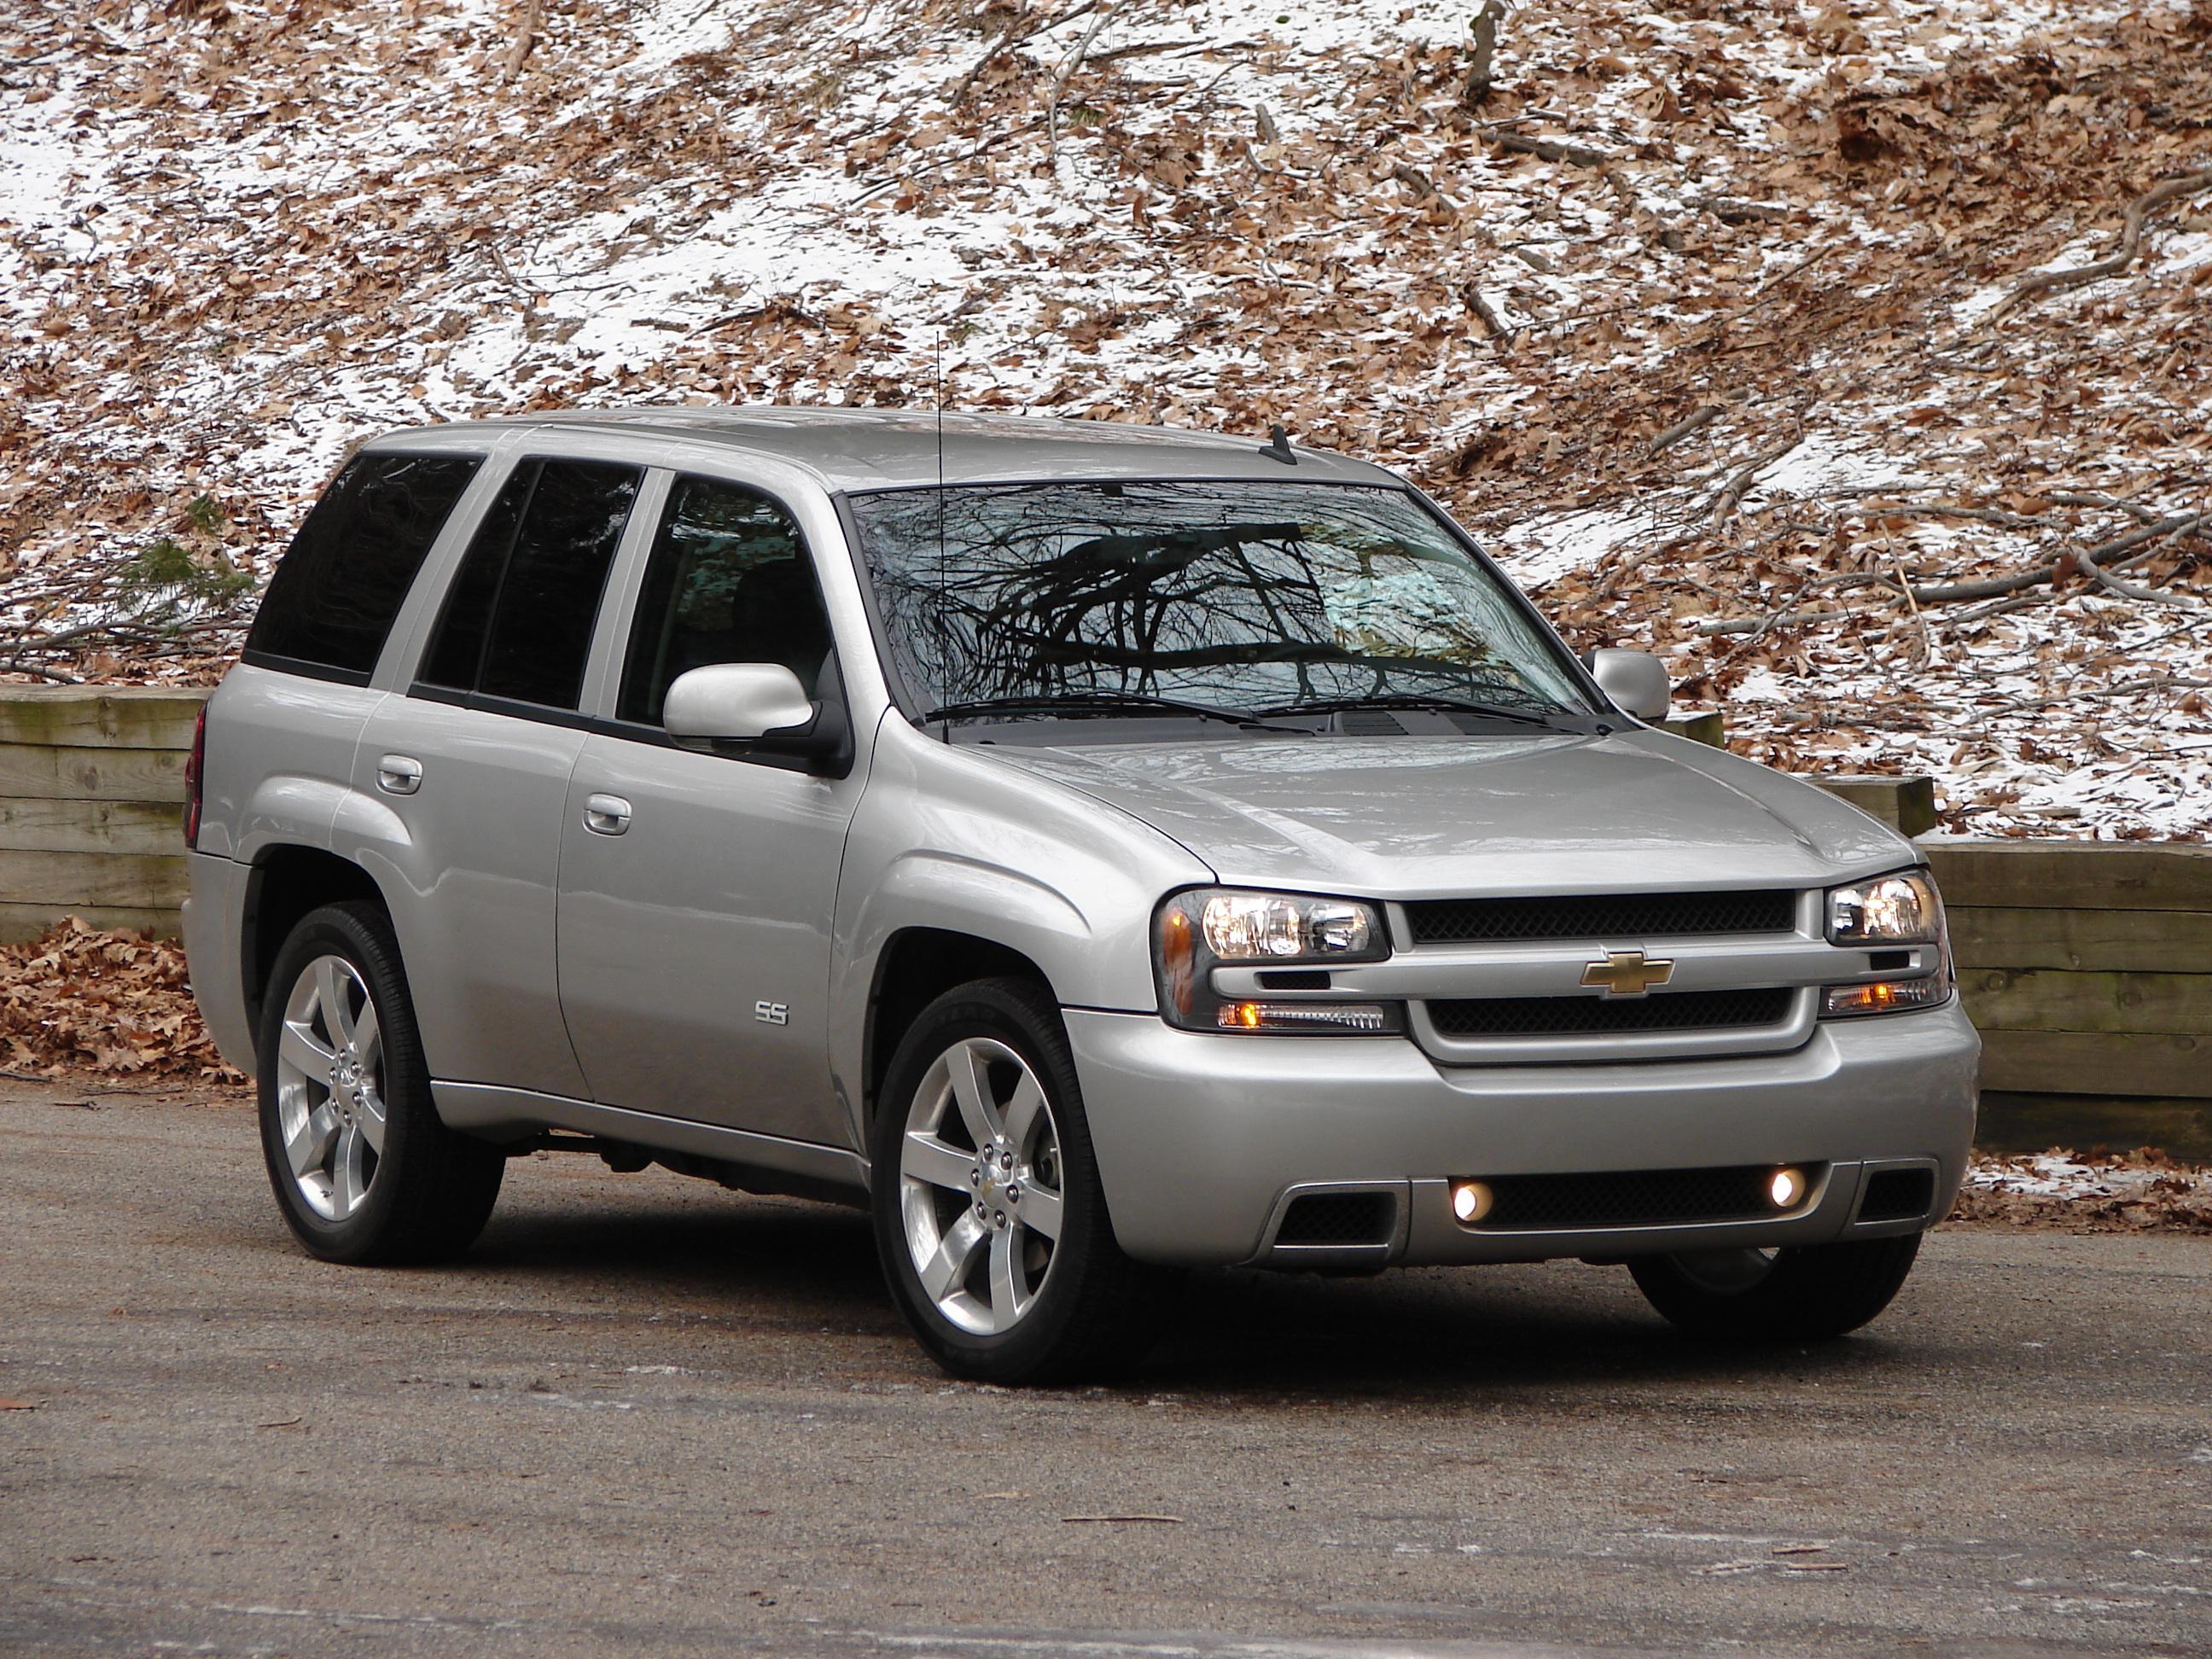 Chevrolet Trailblazer 2006 foto - 3